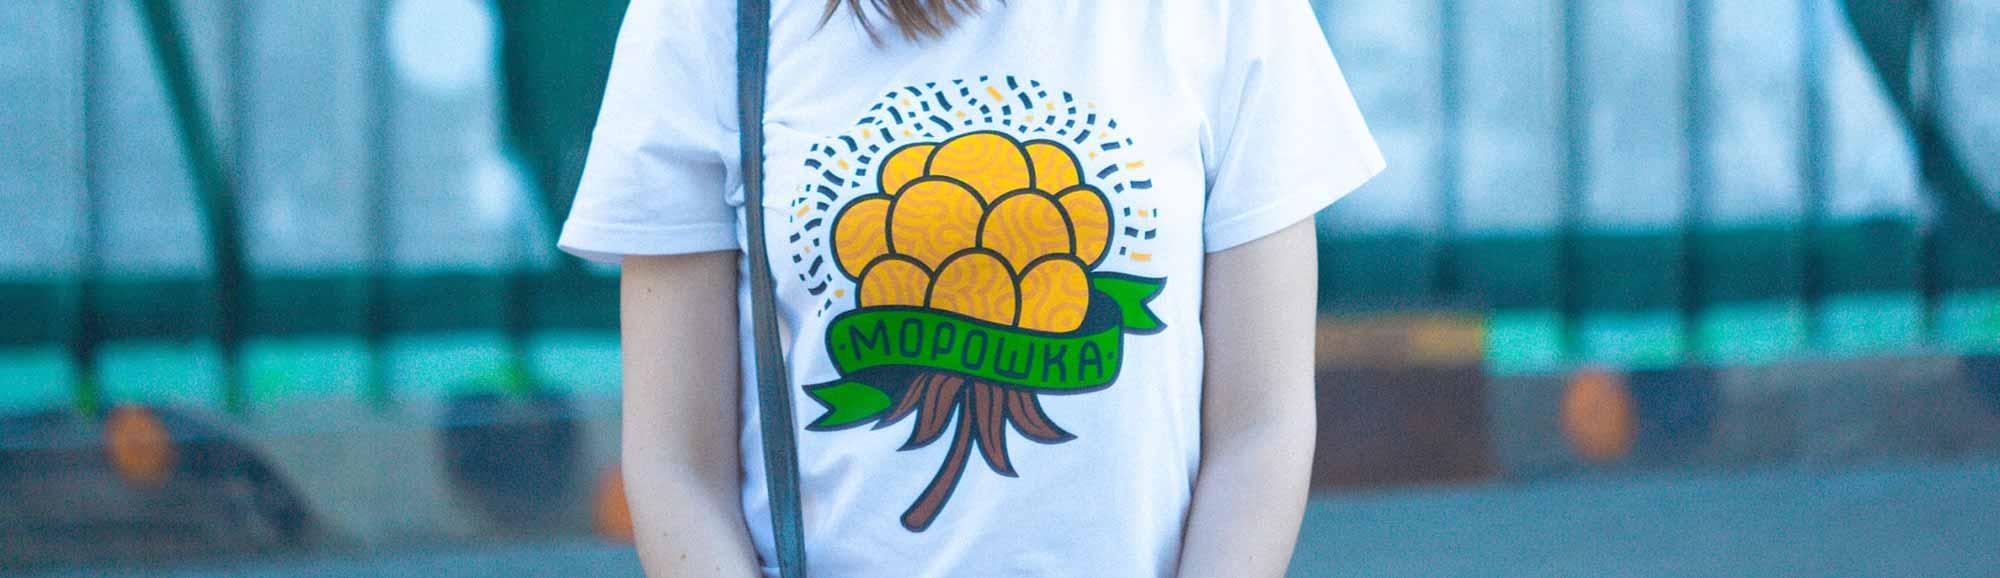 Las camisetas más molonas para este verano